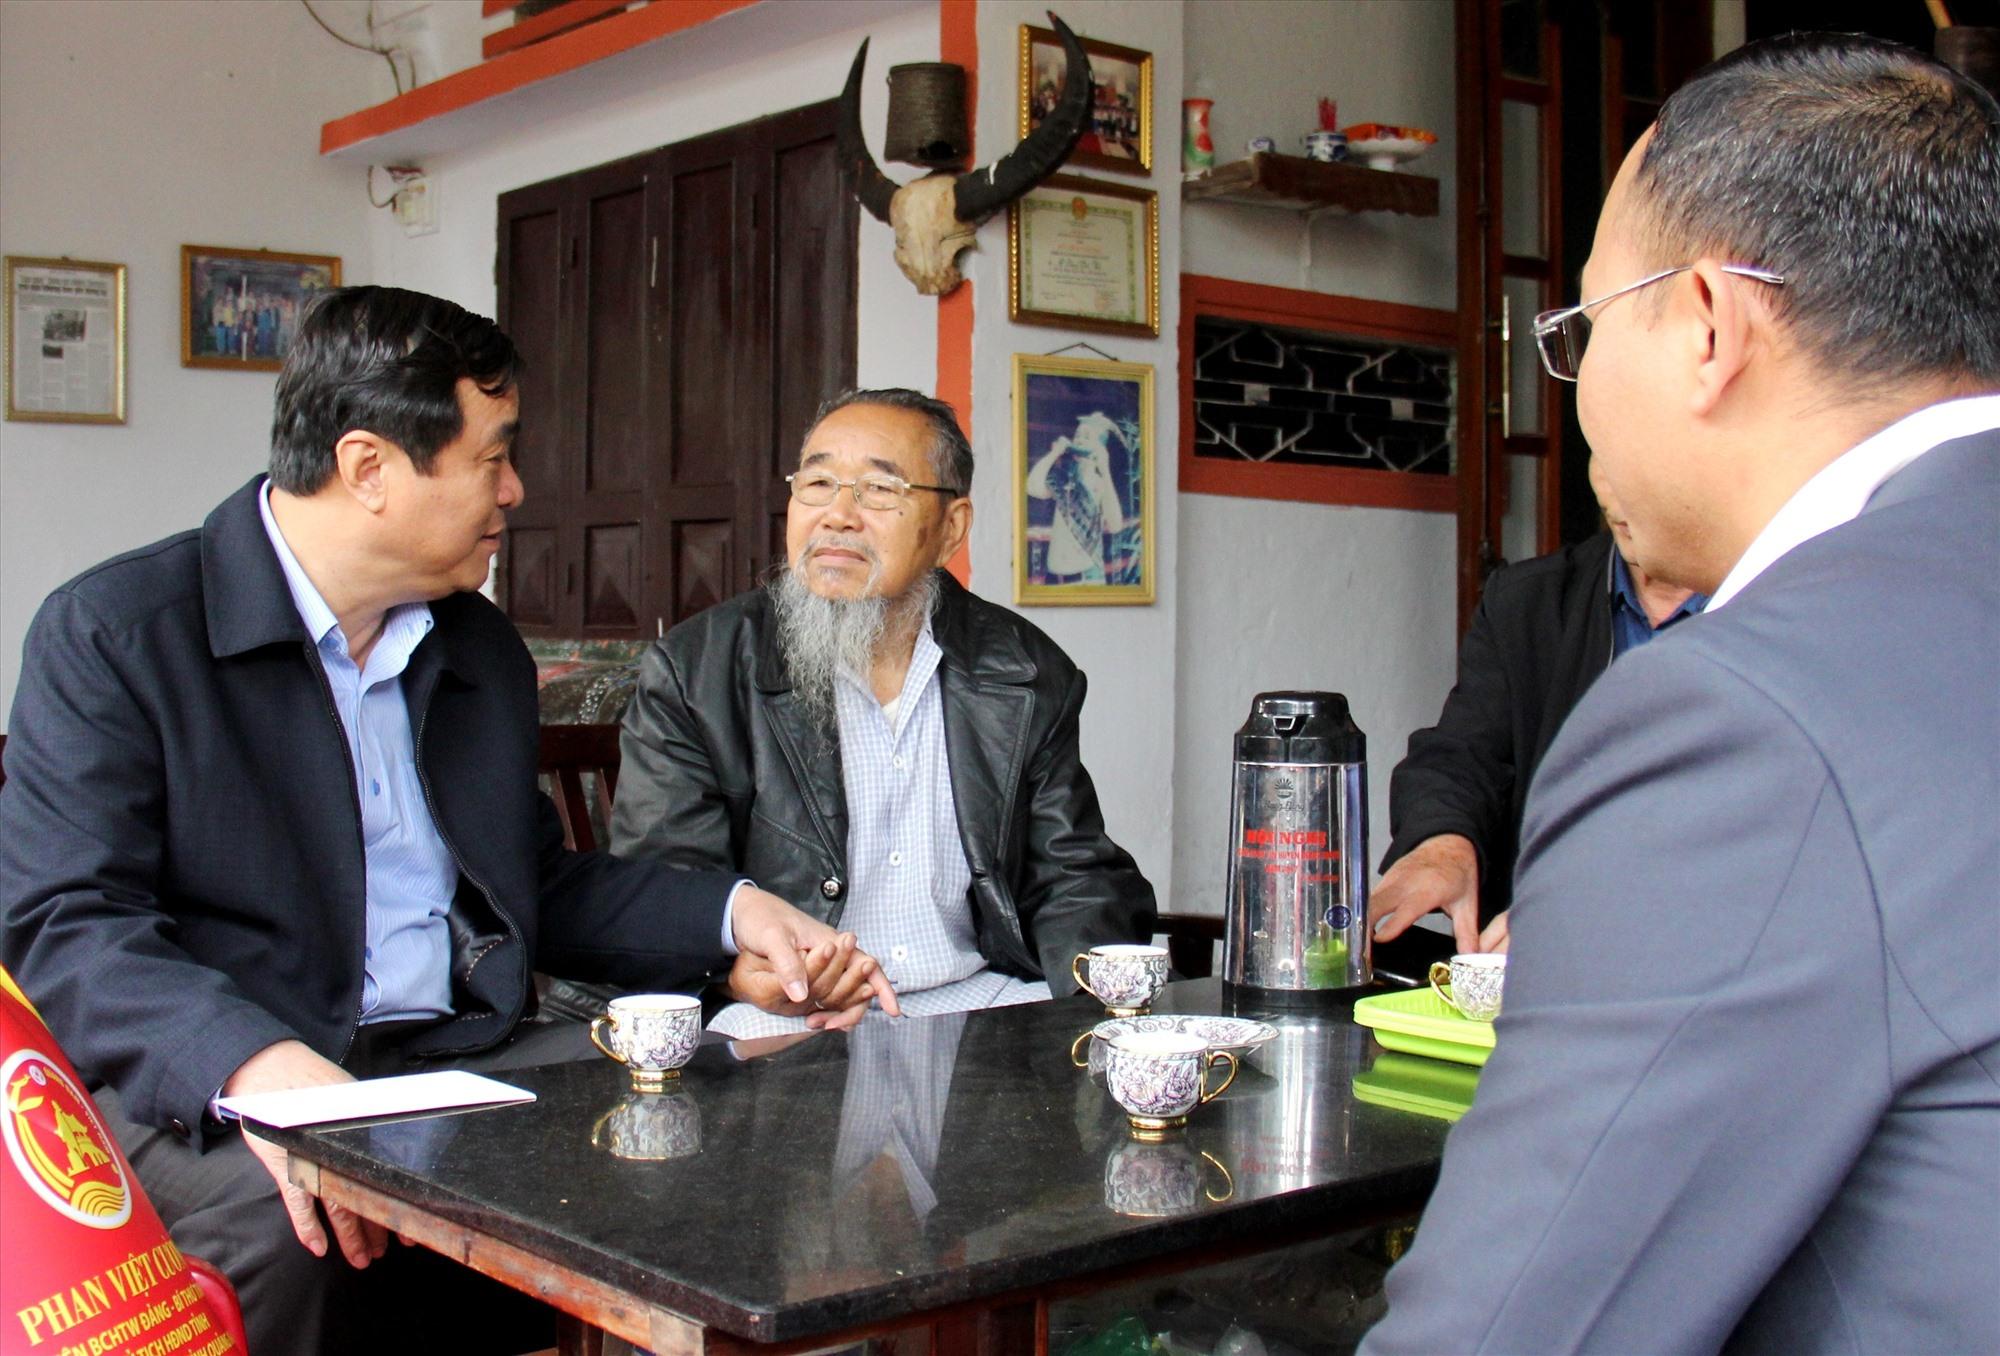 Đồng chí Phan Việt Cường - Bí thư Tỉnh ủy thăm hỏi các đồng chí lão thành cách mạng miền núi.